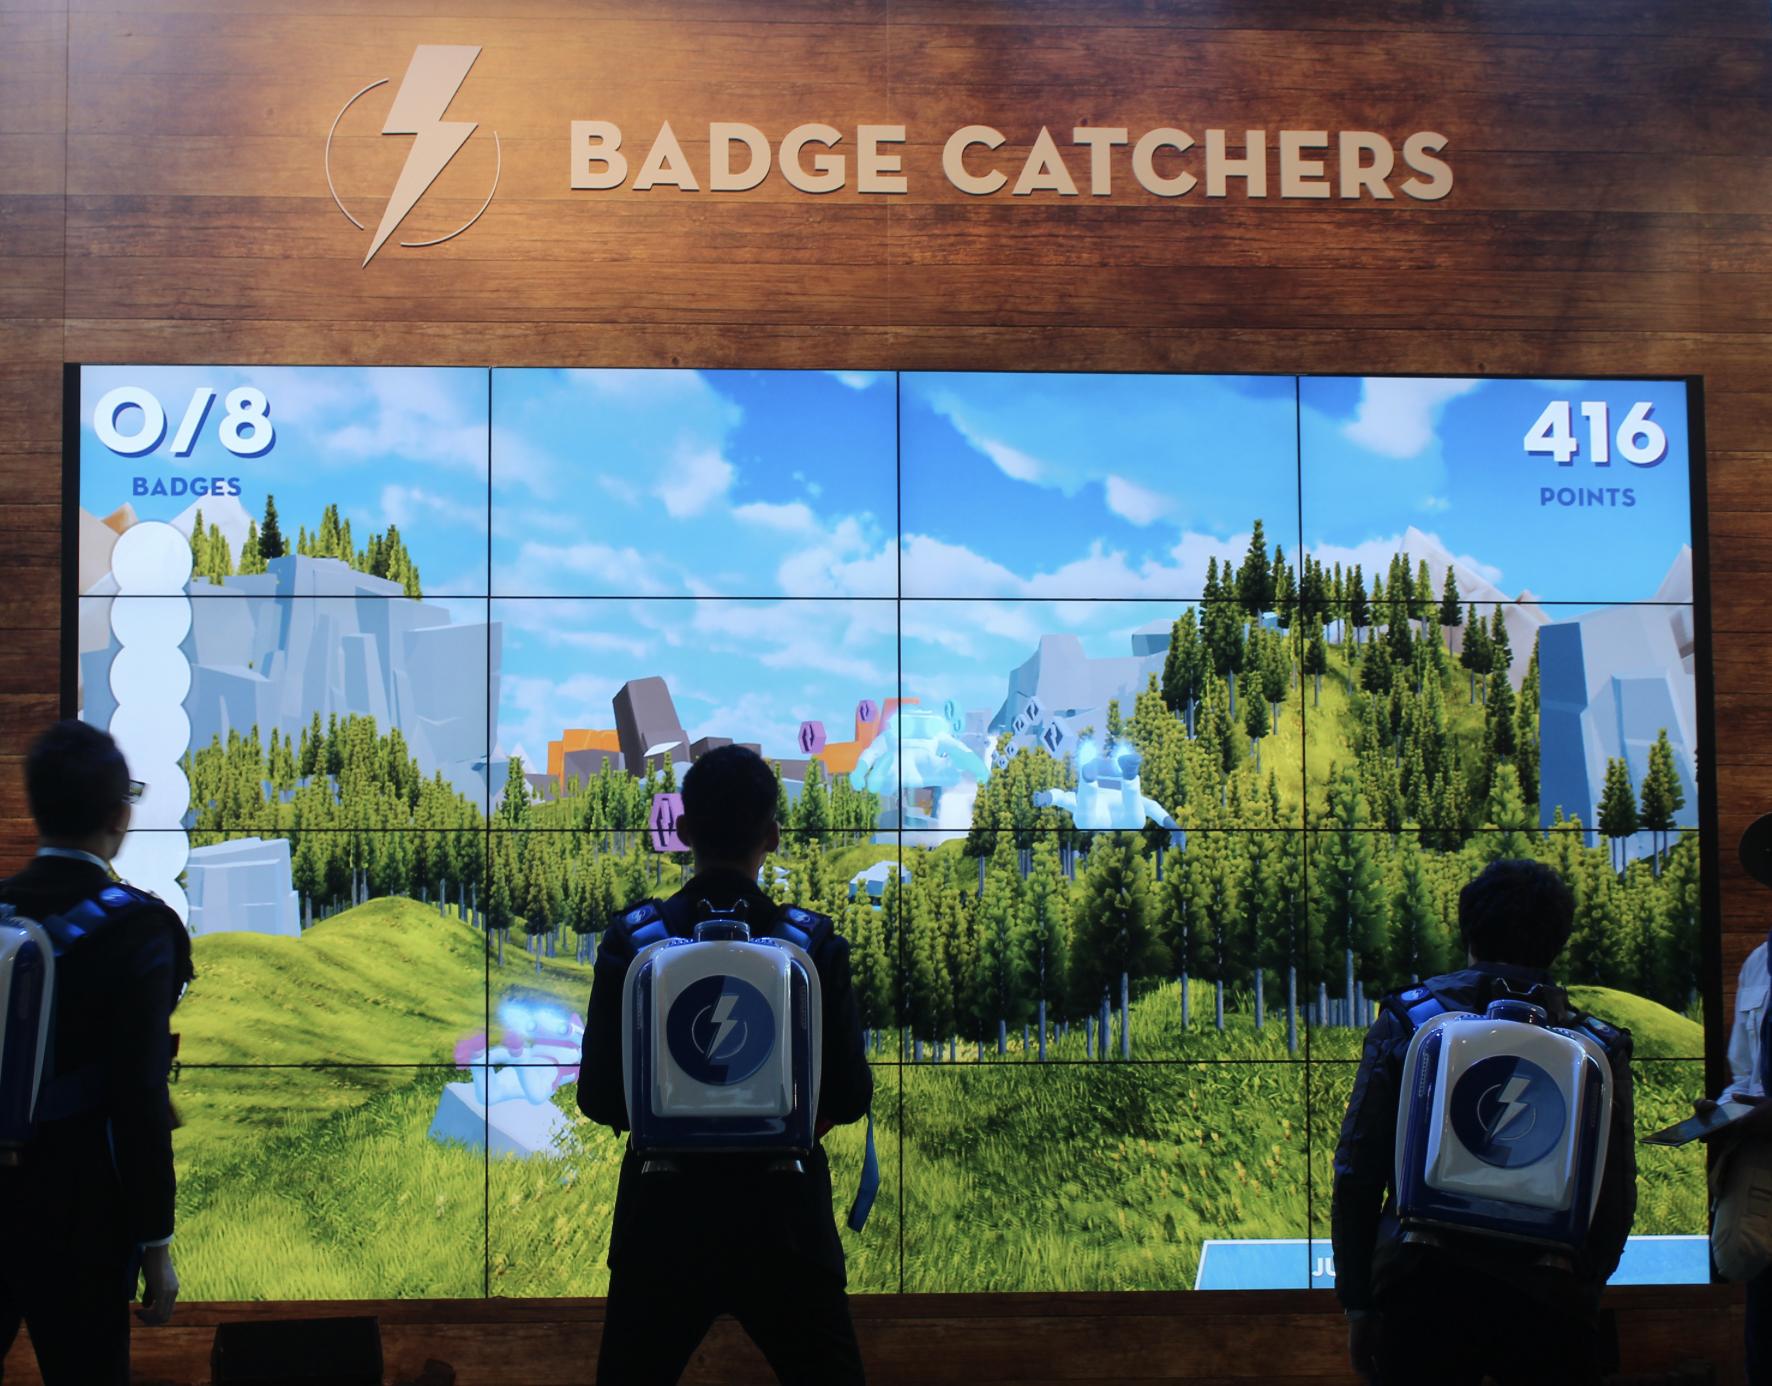 BadgeCatchers.png